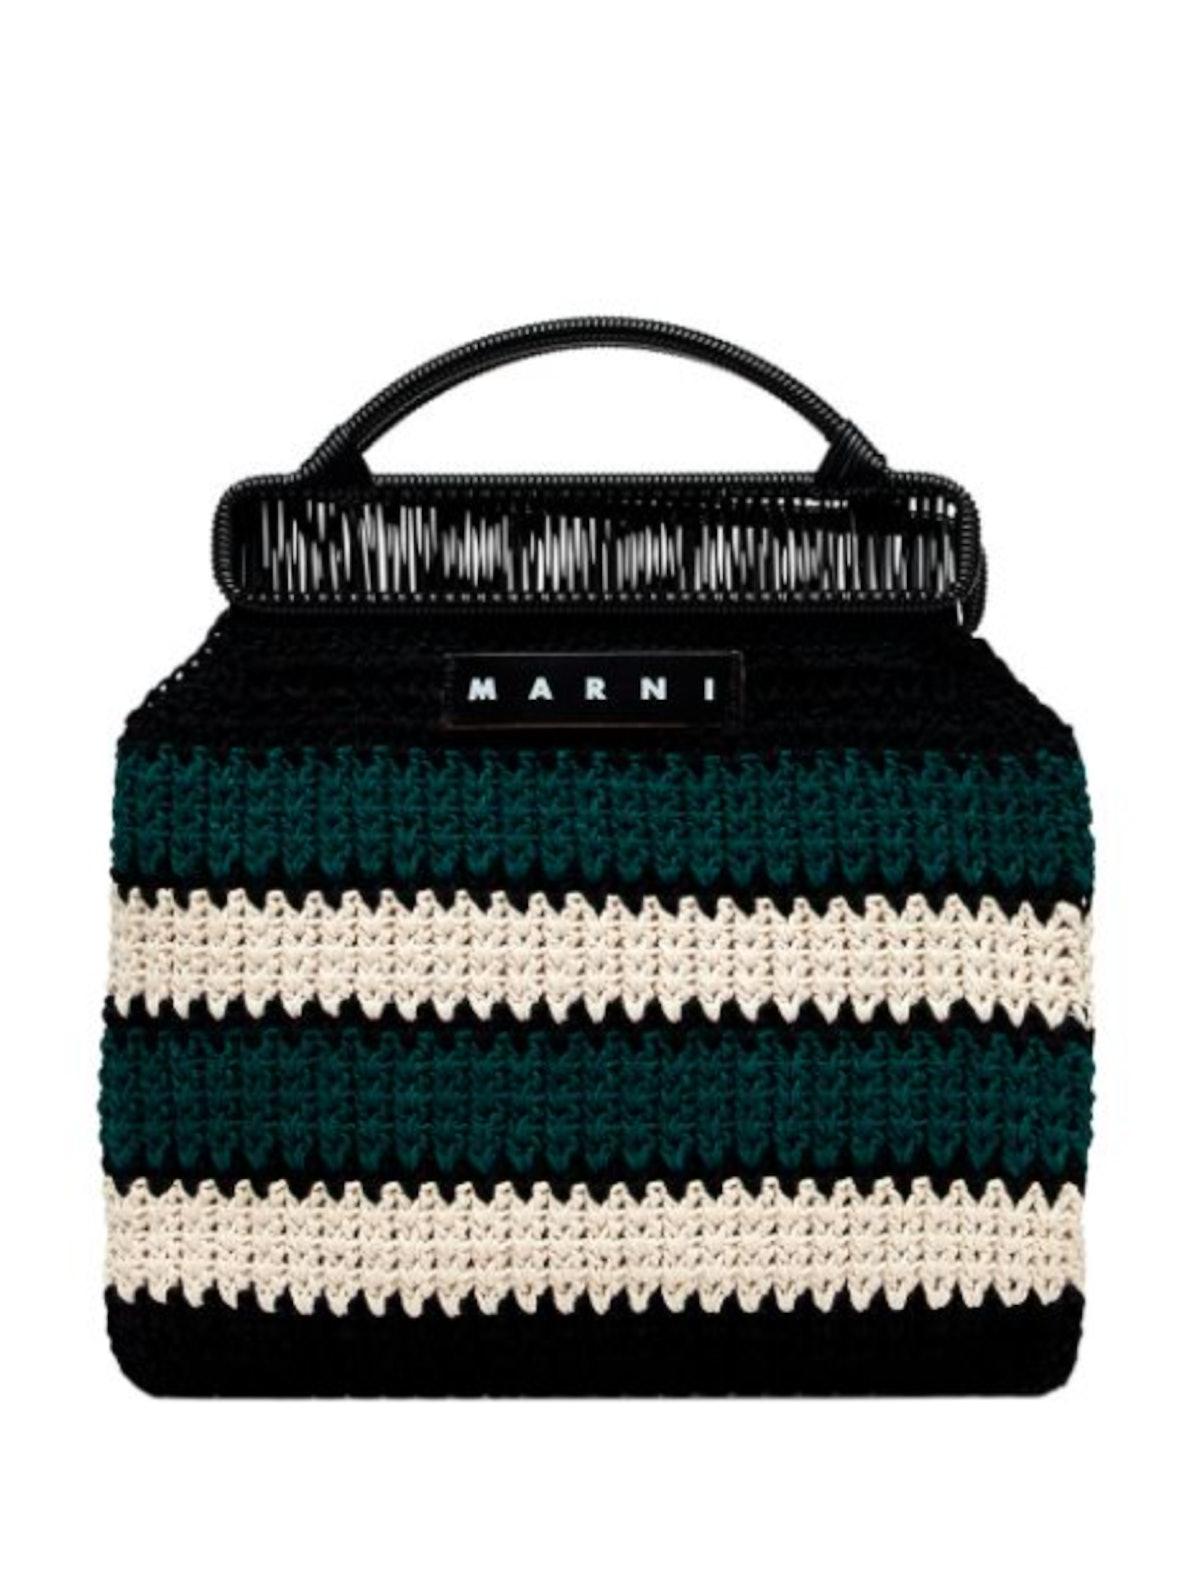 Striped Branded Tote Bag